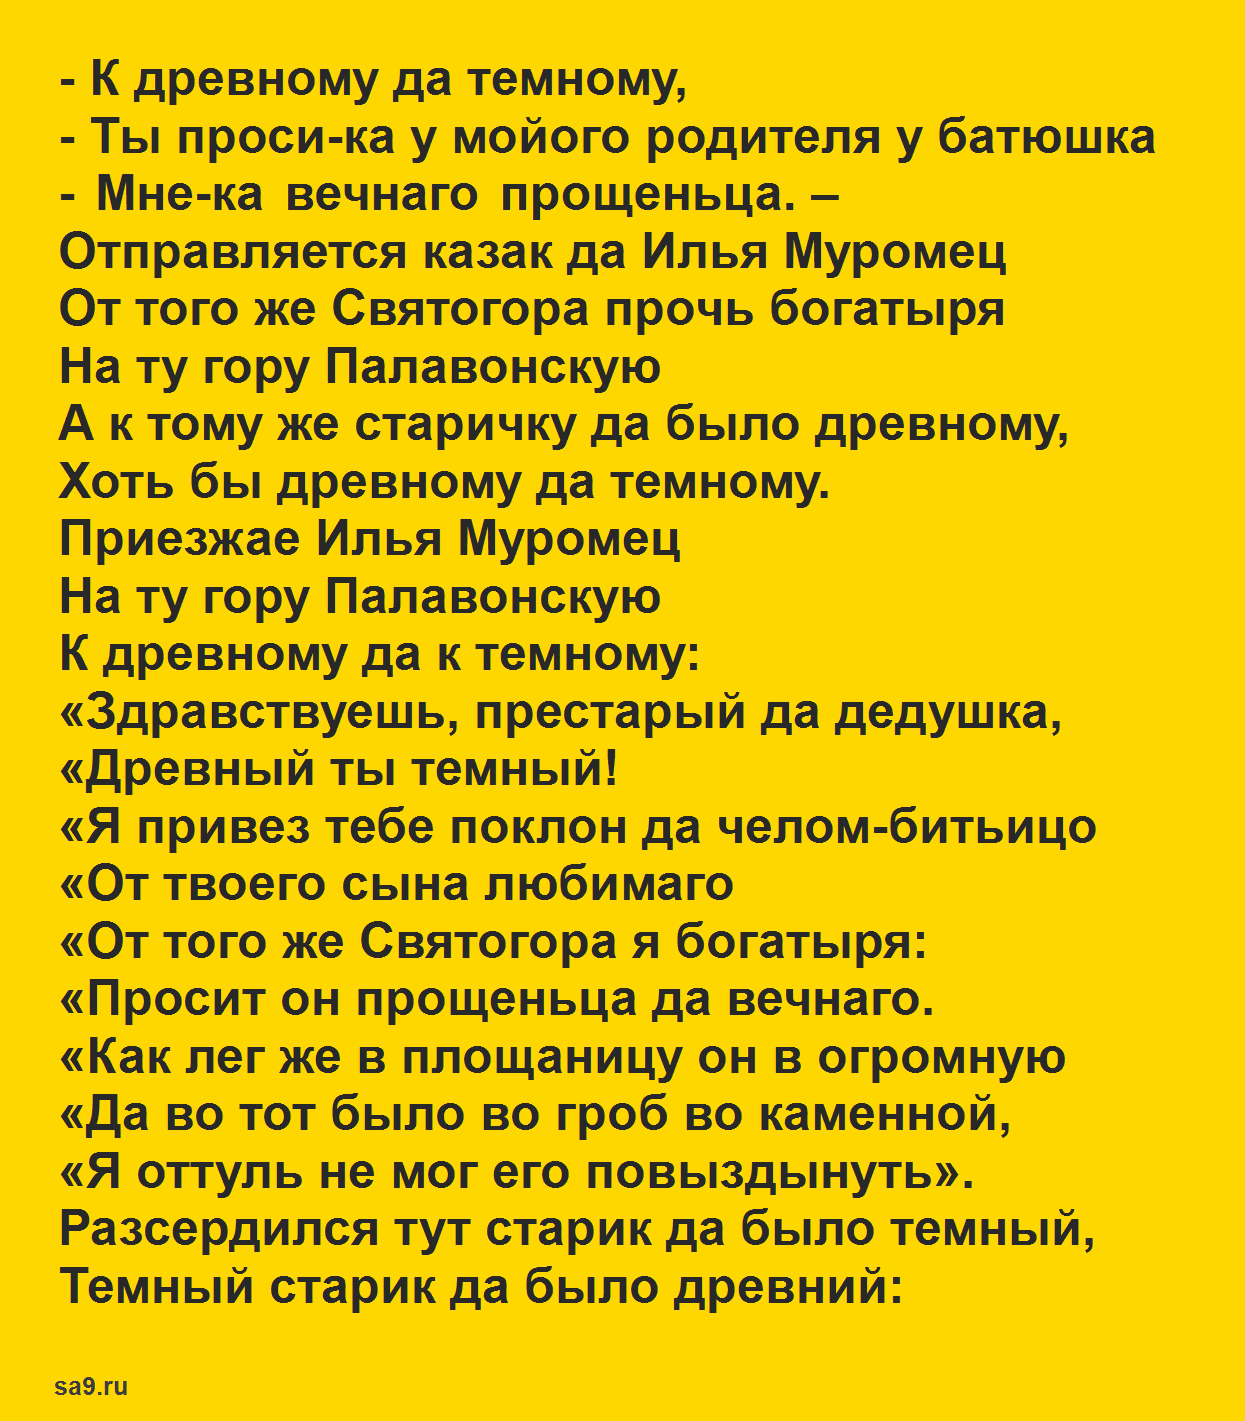 Читаем русскую народную былину - Илья Муромец и Святогор